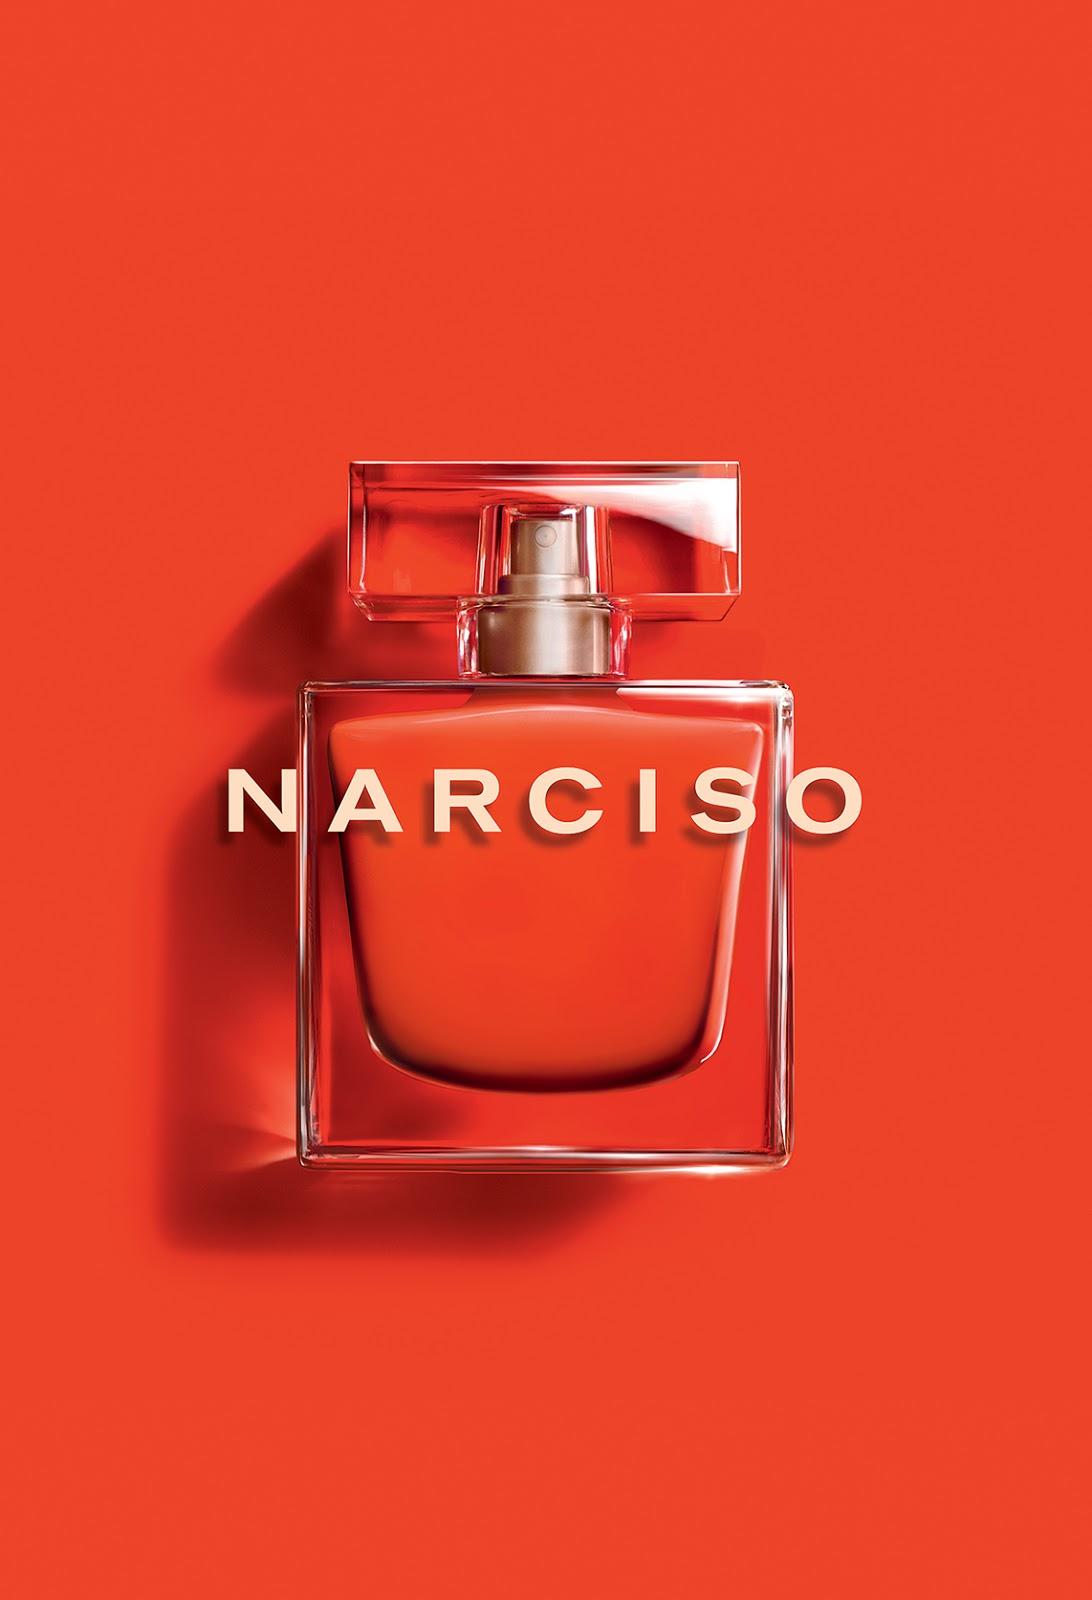 Narciso-Rouge-Eau-de-Toilette_2019-01